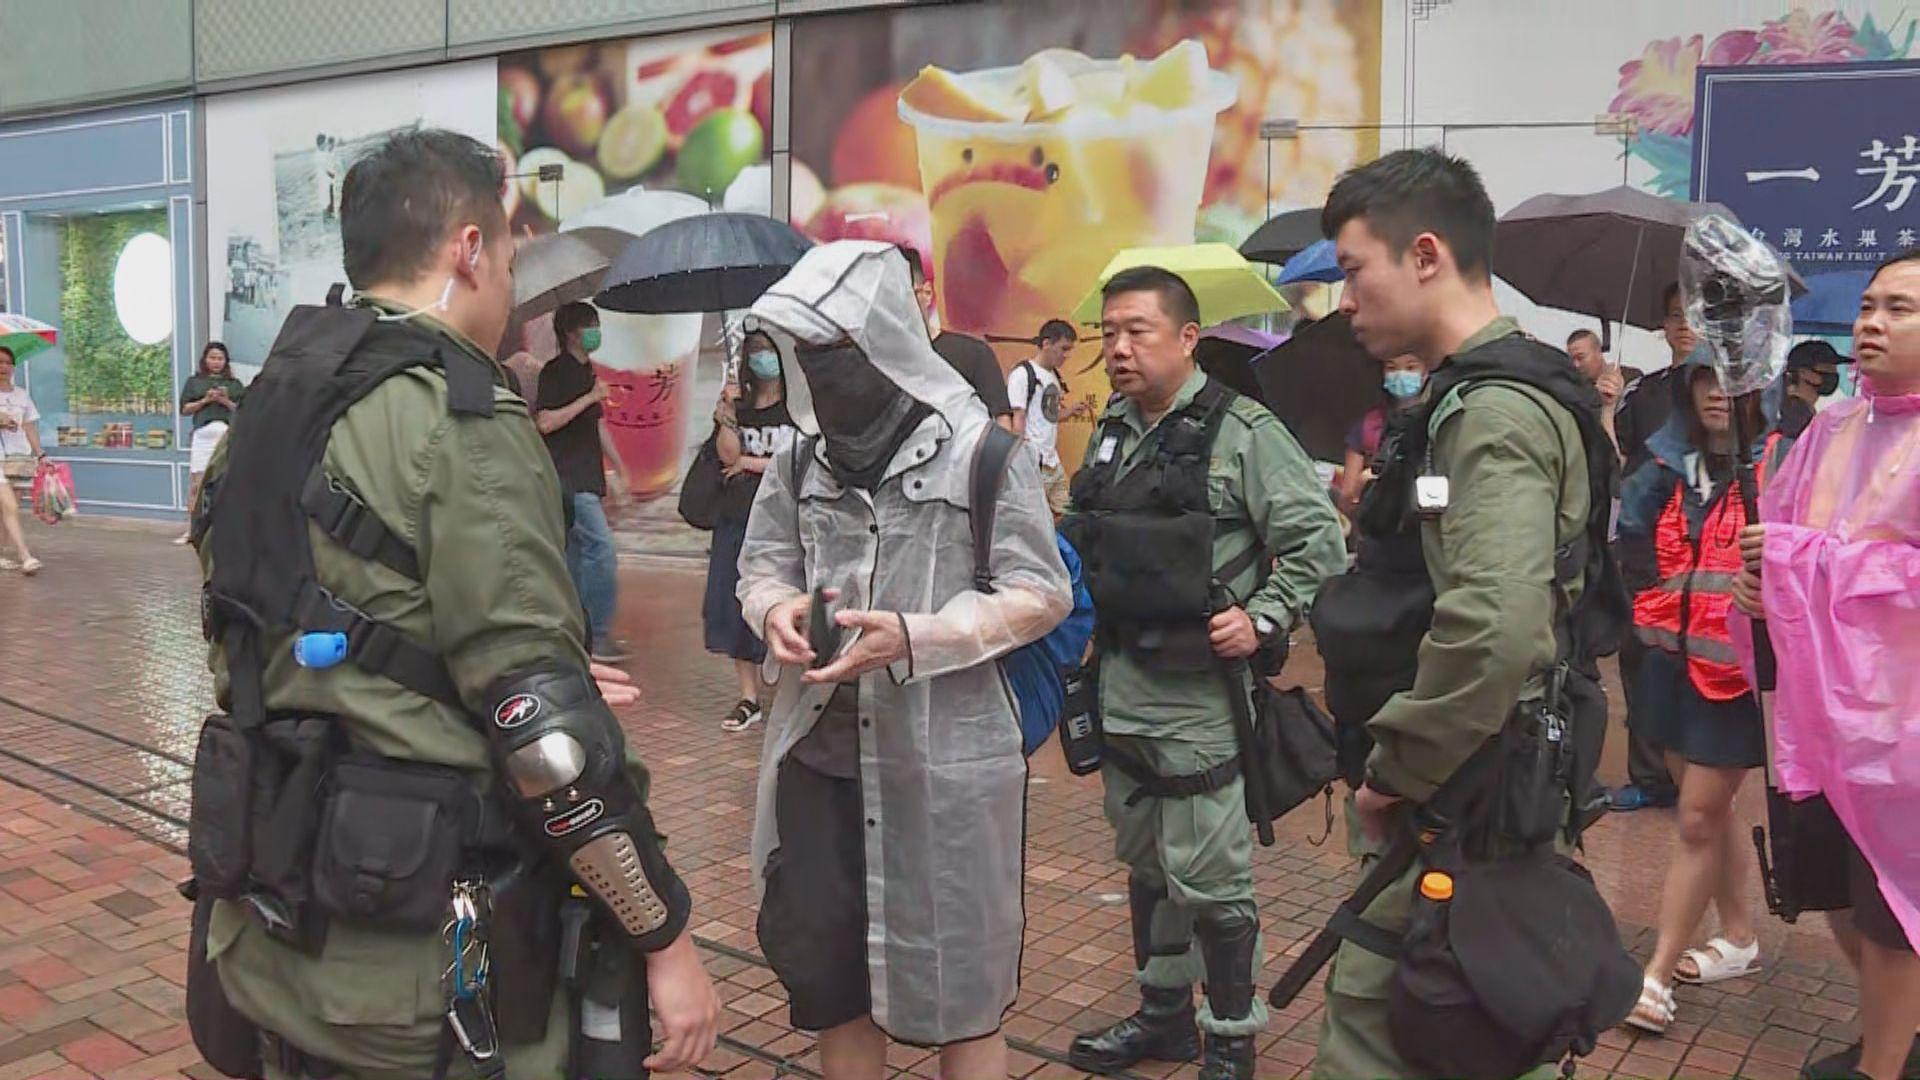 荃葵青遊行防暴警截查部分黑衣人